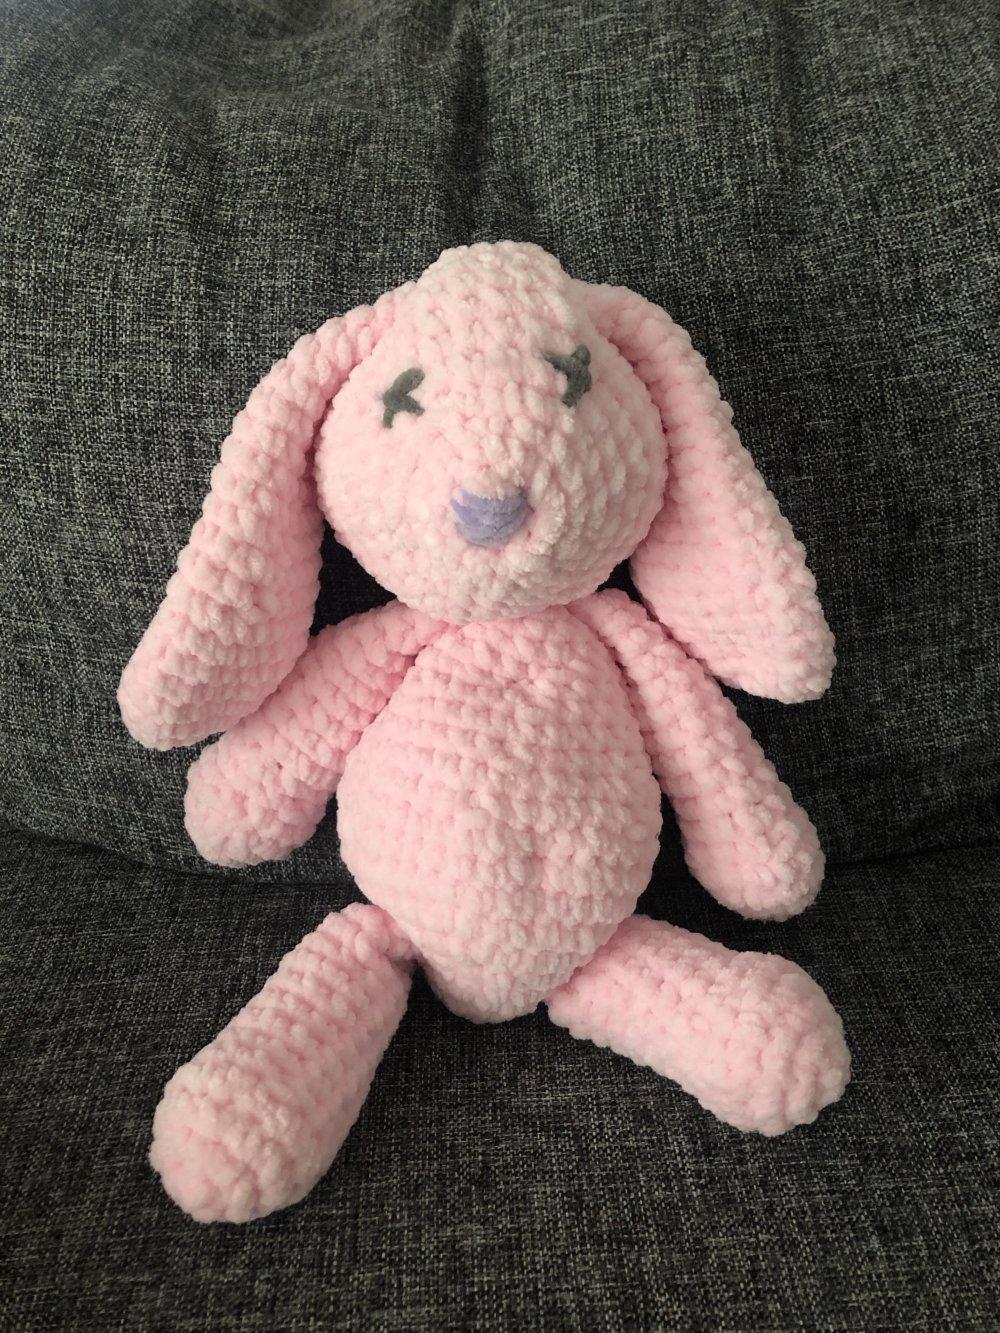 Grand doudou lapin, fait main au crochet.